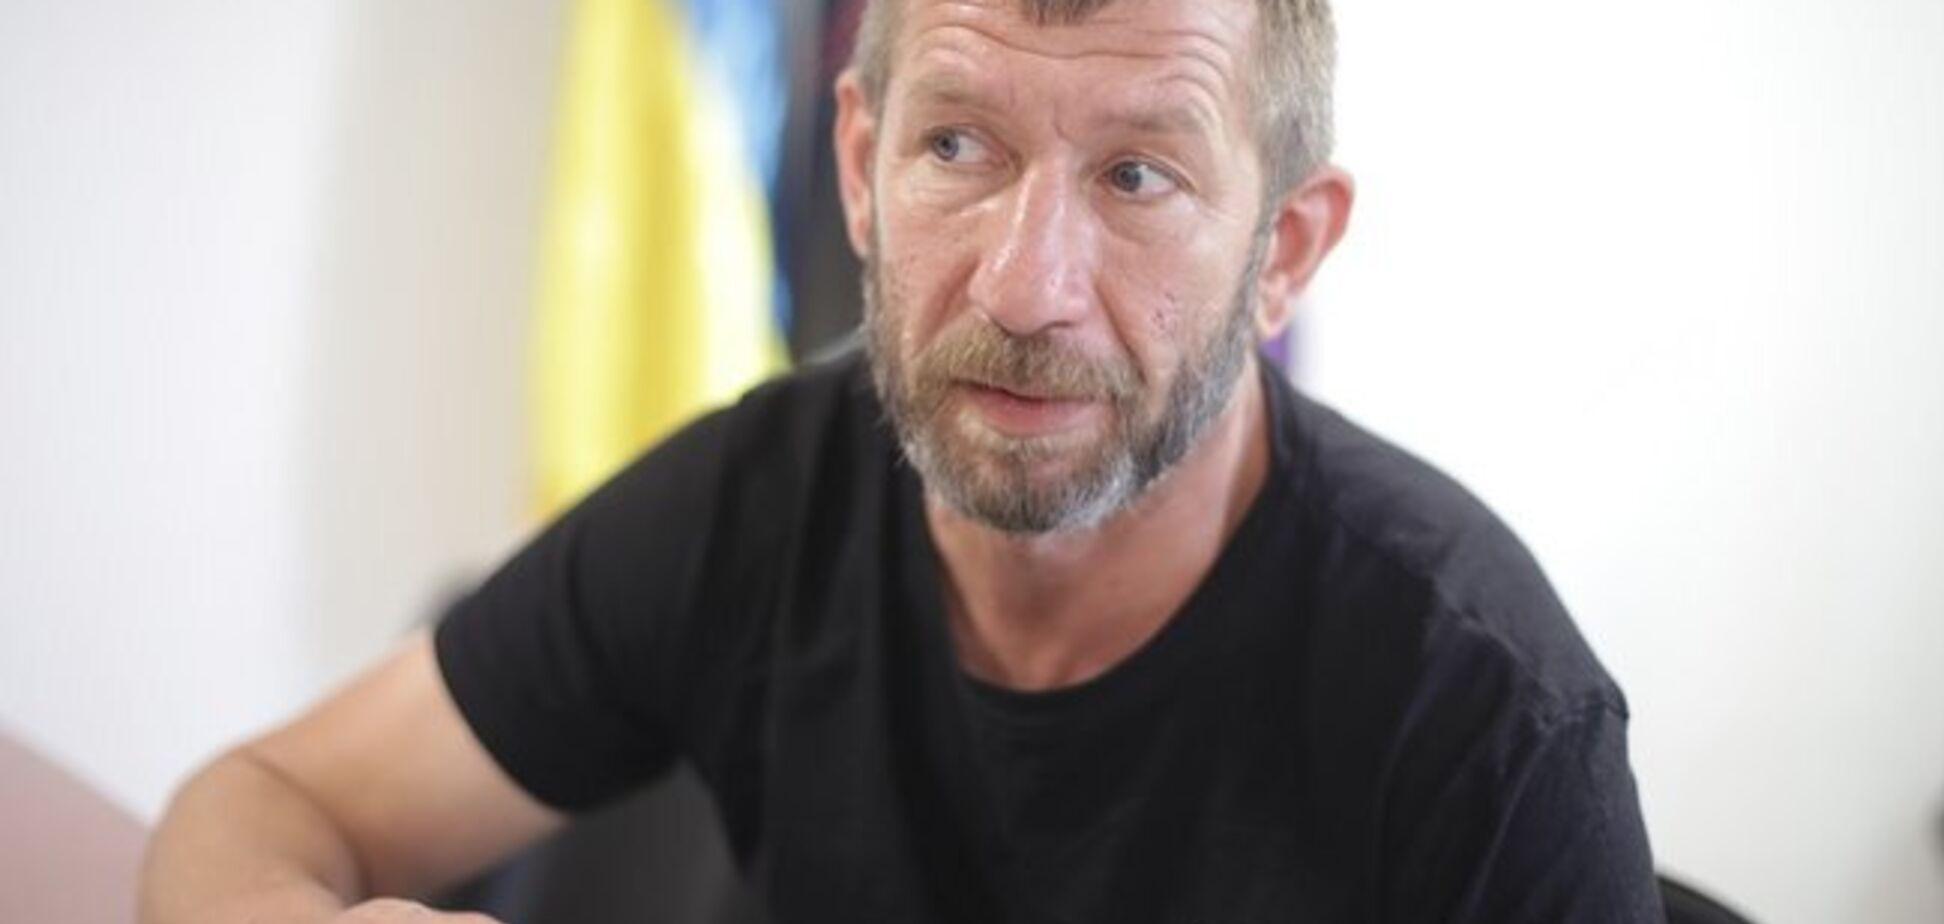 'Отрезали ухо и нос': ветеран АТО ужаснул рассказом о зверствах 'Л/ДНР'